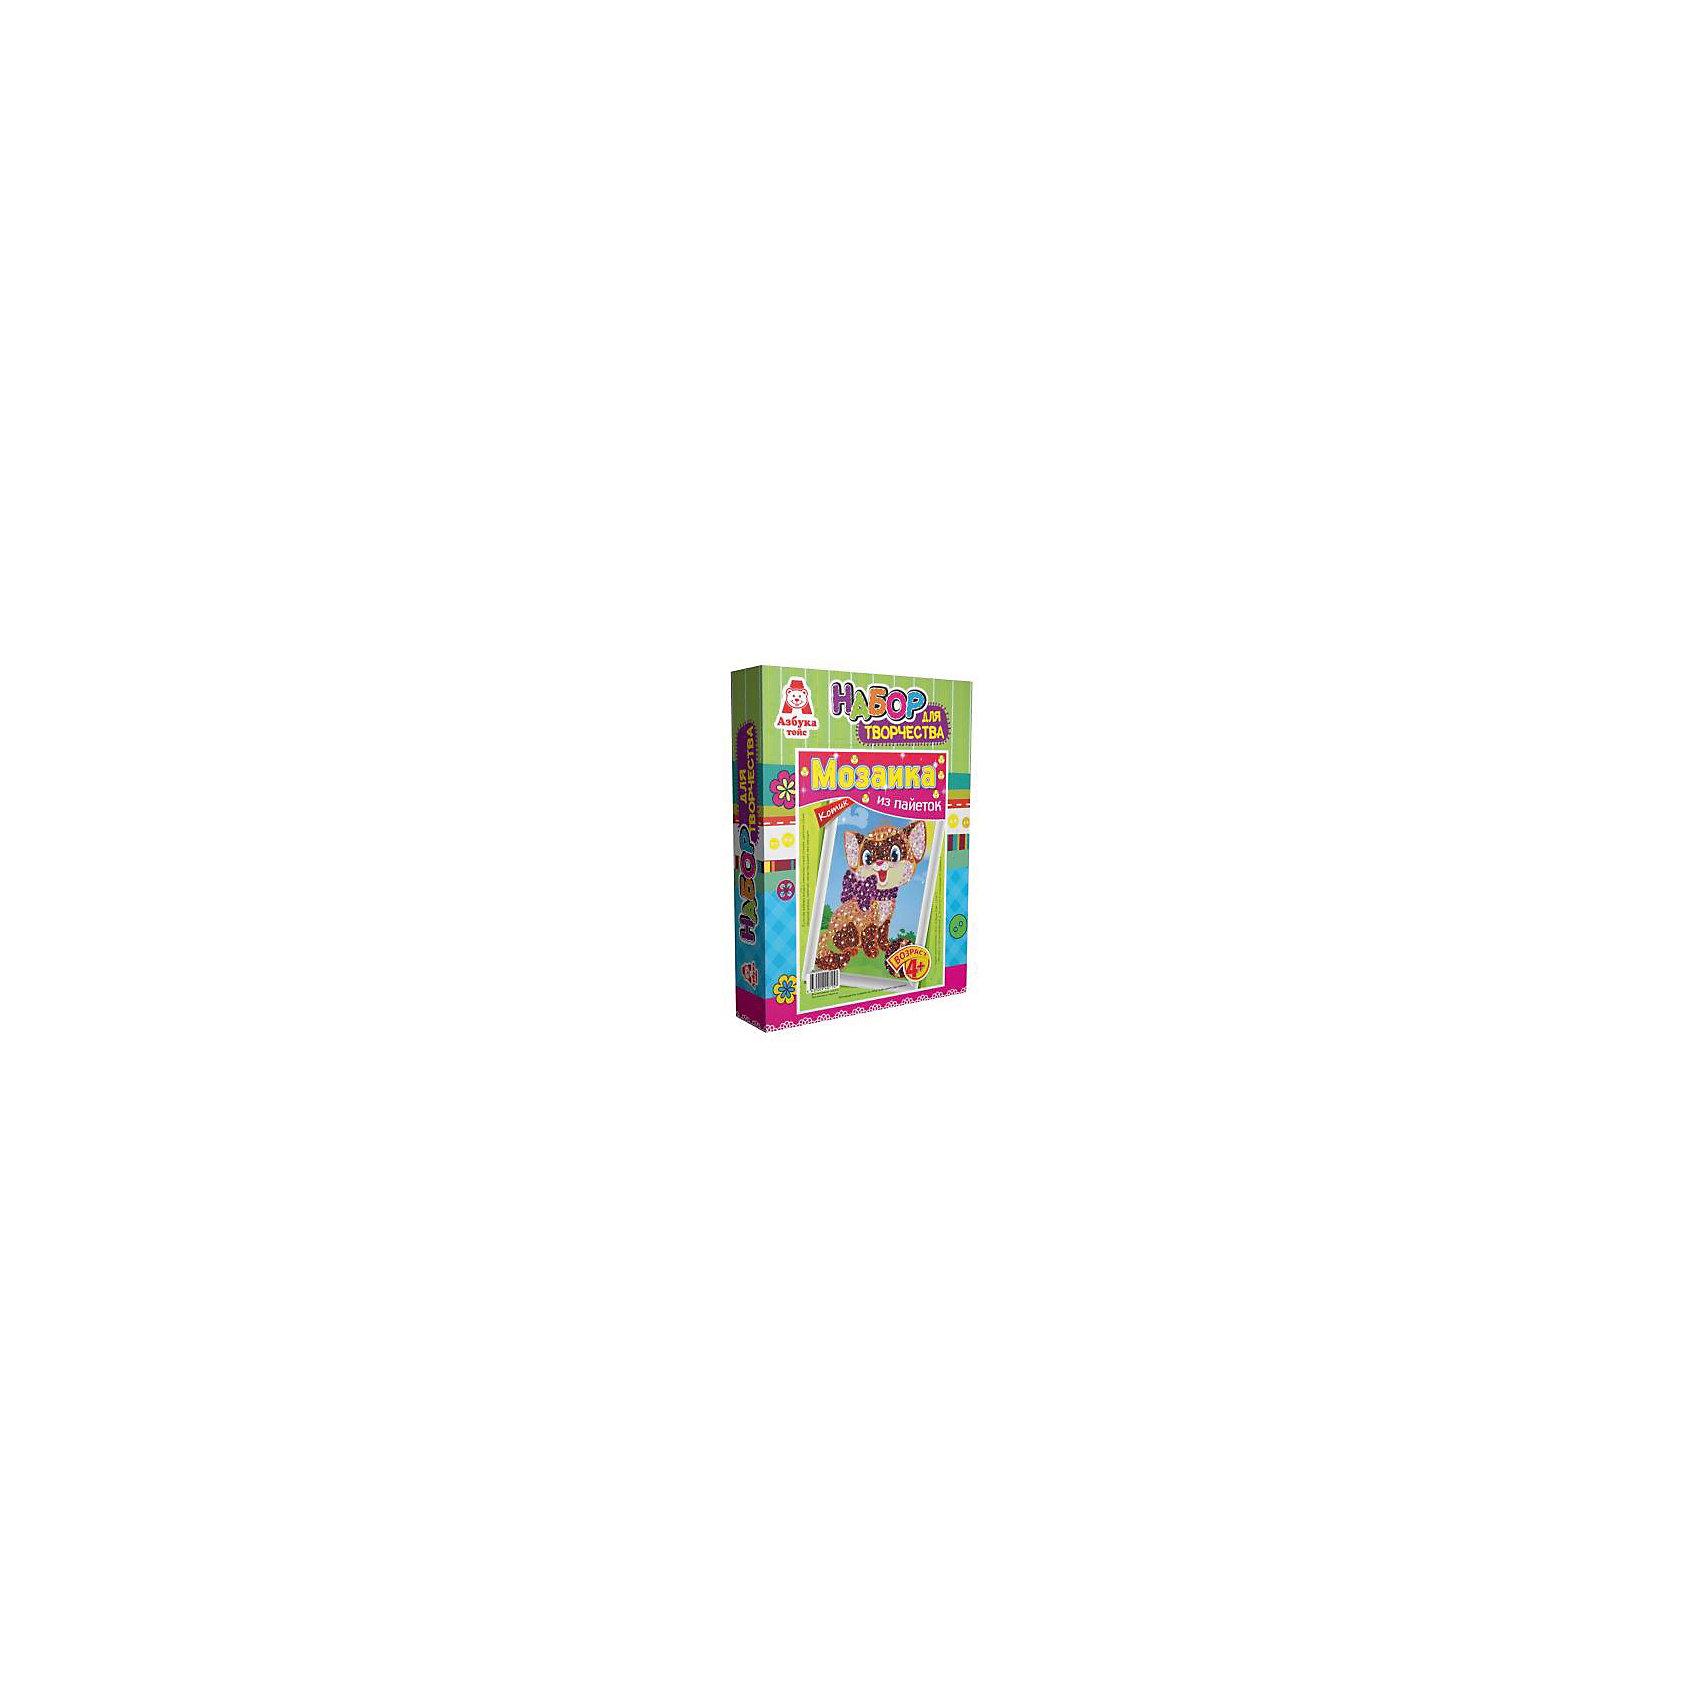 Картина из пайеток КотикМозаика<br>Картина из пайеток Котик.  <br><br>Характеристики:<br><br>• Размеры 28х21х5 см.<br>• В комплект входит:<br>- пенопластовая основа,<br>- цветная схема,<br>- сборная рамка;<br>- пайетки,<br>- пины - гвоздики,<br>- инструкция.<br><br>Пайетки - это блестящие кружочки разного цвета, при помощи которых, можно создавать красивые блестящие картины в виде мозаики Пайетка прикалывается к основе при помощи булавочки-гвоздика. Занятие с набором Мозаика из пайеток развивает творческие способности, воображение, концентрацию внимания, мелкую моторику, аккуратность и усидчивость. Такая картина станет украшением вашего дома или станет прекрасным подарком. Желаем Вам приятной творческой работы!<br><br>Картину из пайеток Котик, можно купить в нашем интернет – магазине.<br><br>Ширина мм: 210<br>Глубина мм: 50<br>Высота мм: 280<br>Вес г: 128<br>Возраст от месяцев: 48<br>Возраст до месяцев: 108<br>Пол: Женский<br>Возраст: Детский<br>SKU: 5062967